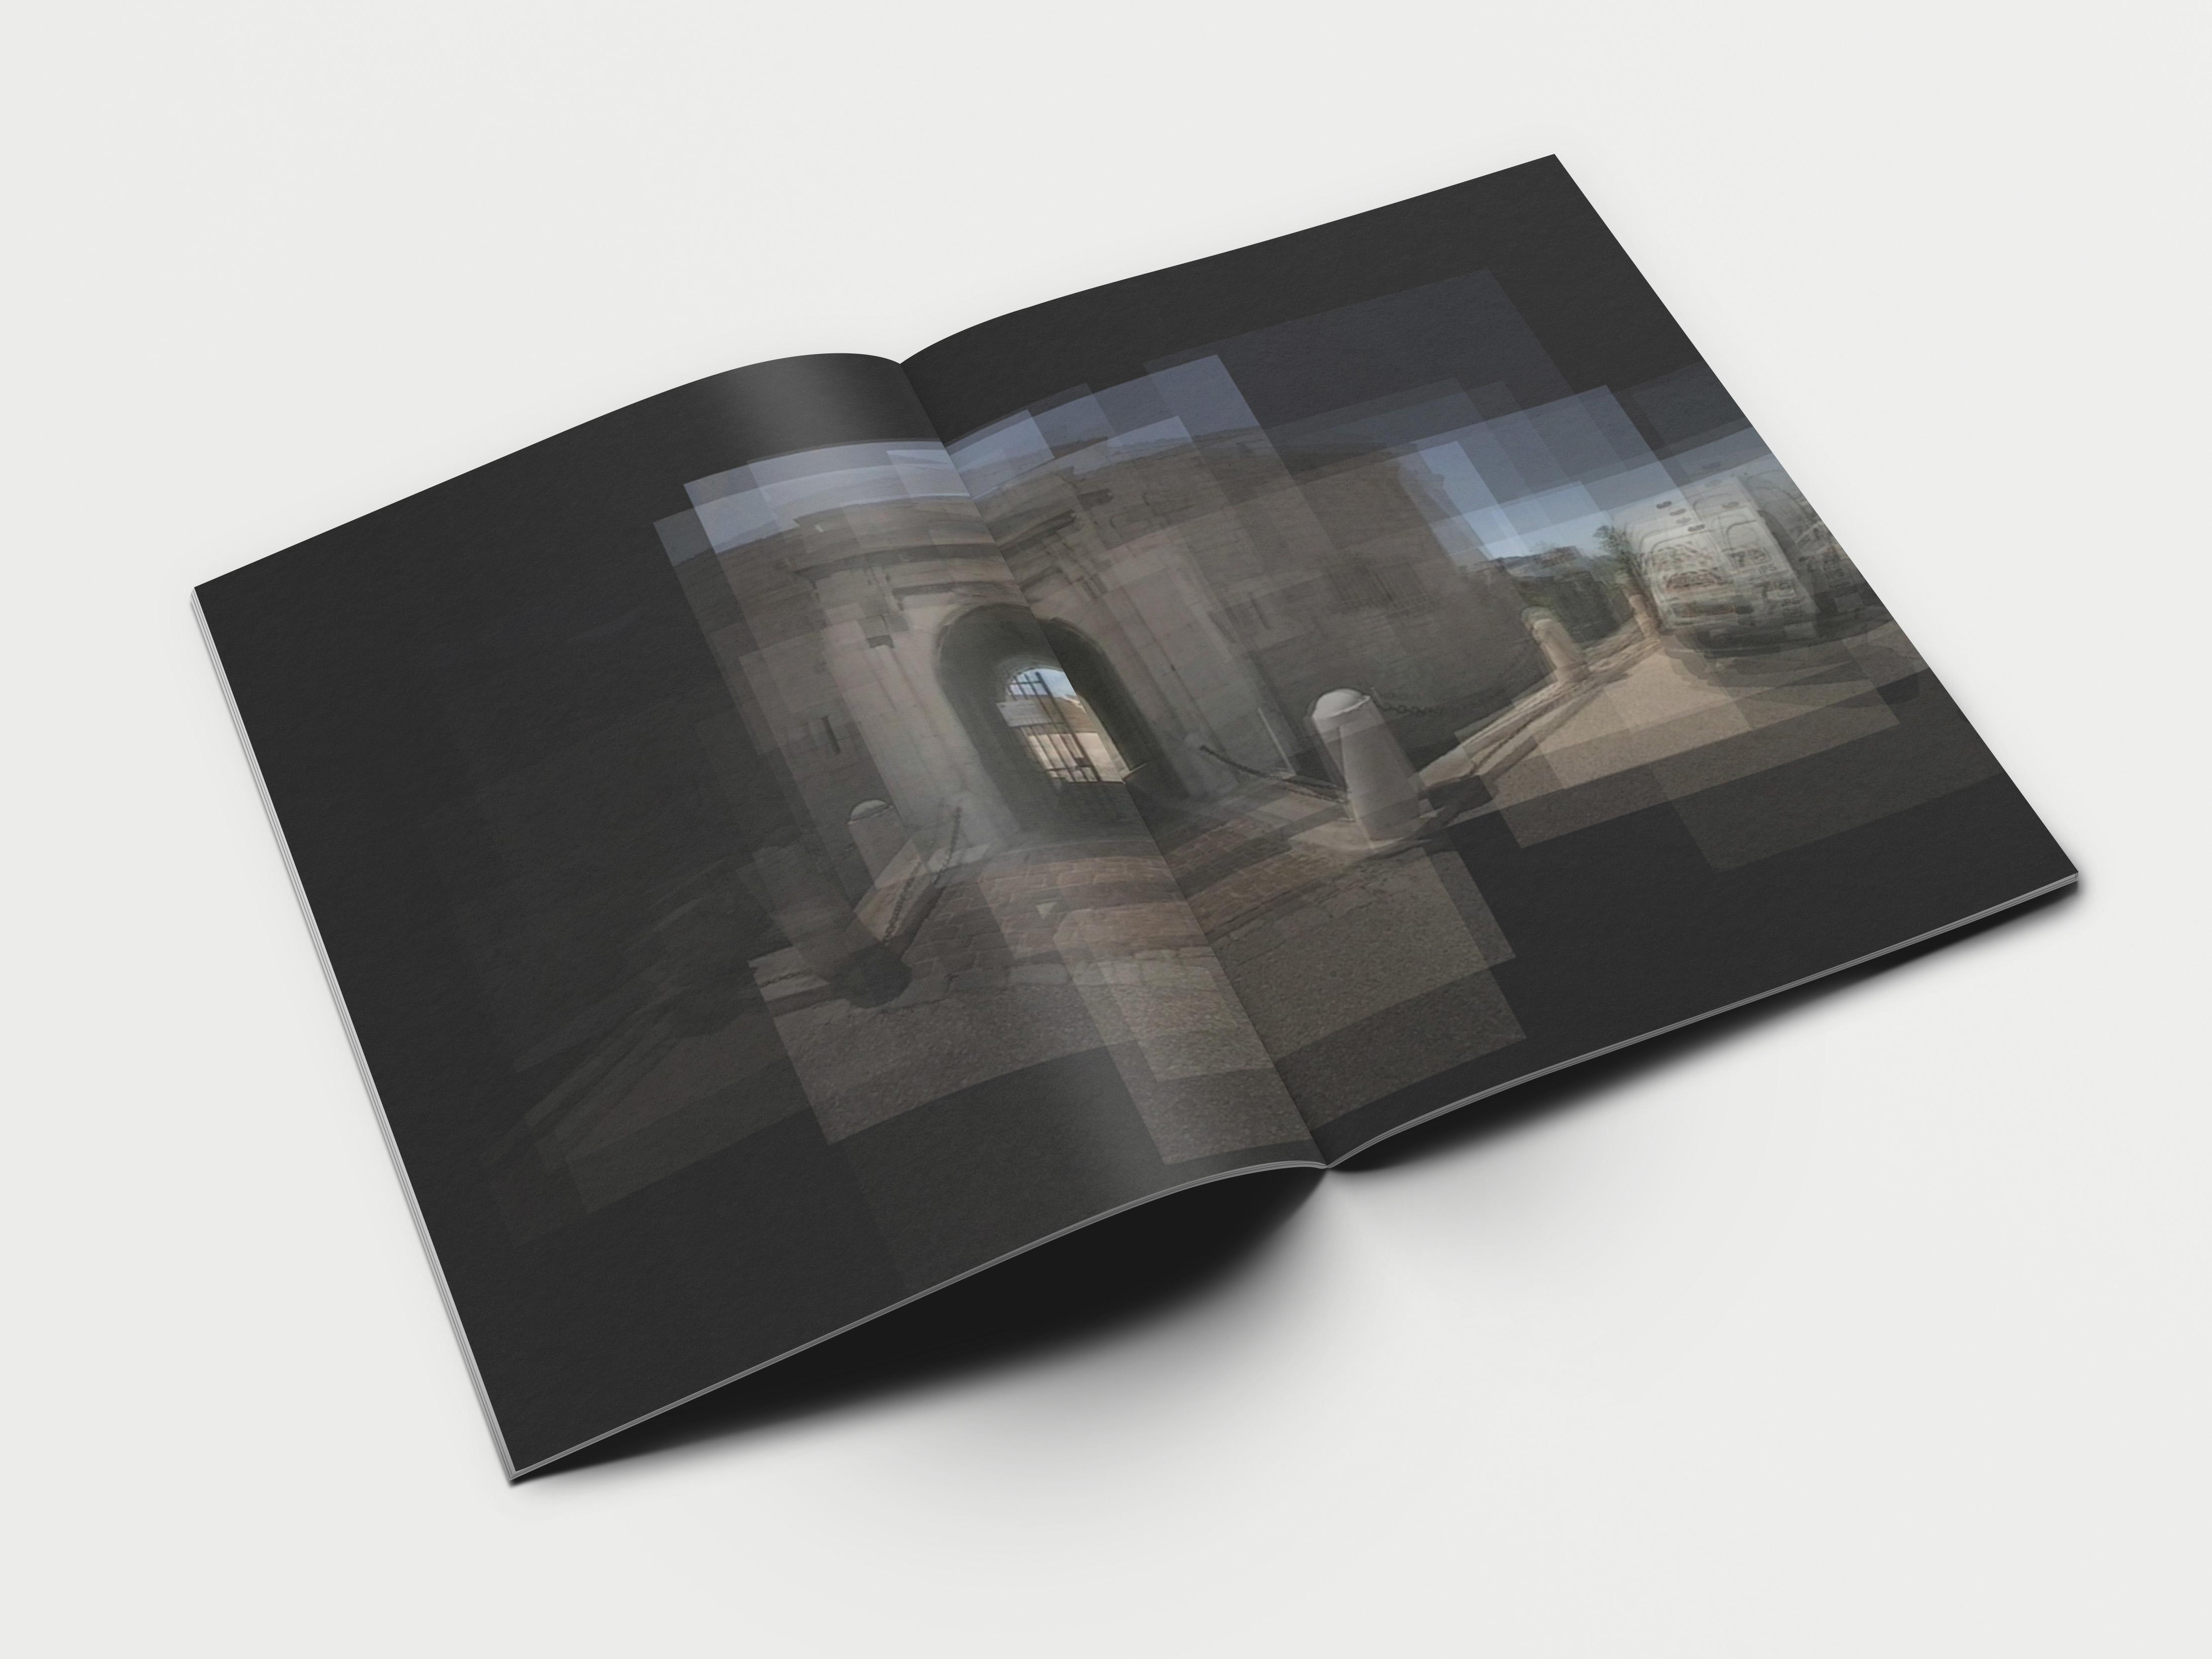 werkleitz_magazineDP1_Marcel Lunkwitz